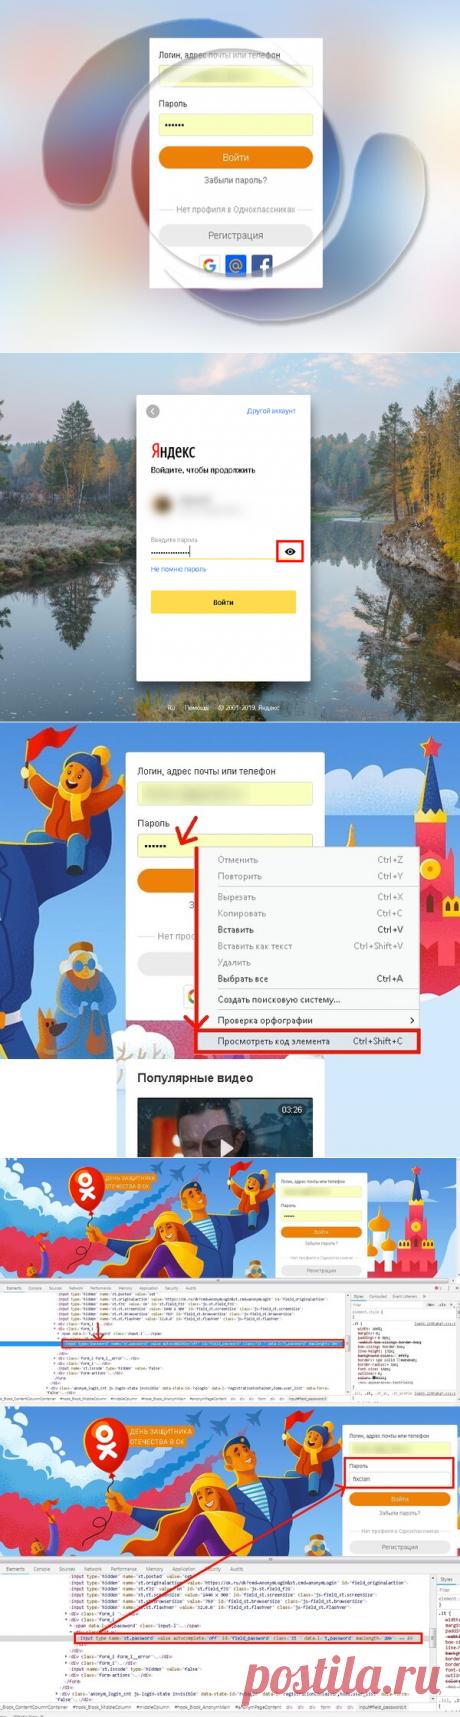 Как узнать пароль сохраненный в браузере? | FixClan | Яндекс Дзен